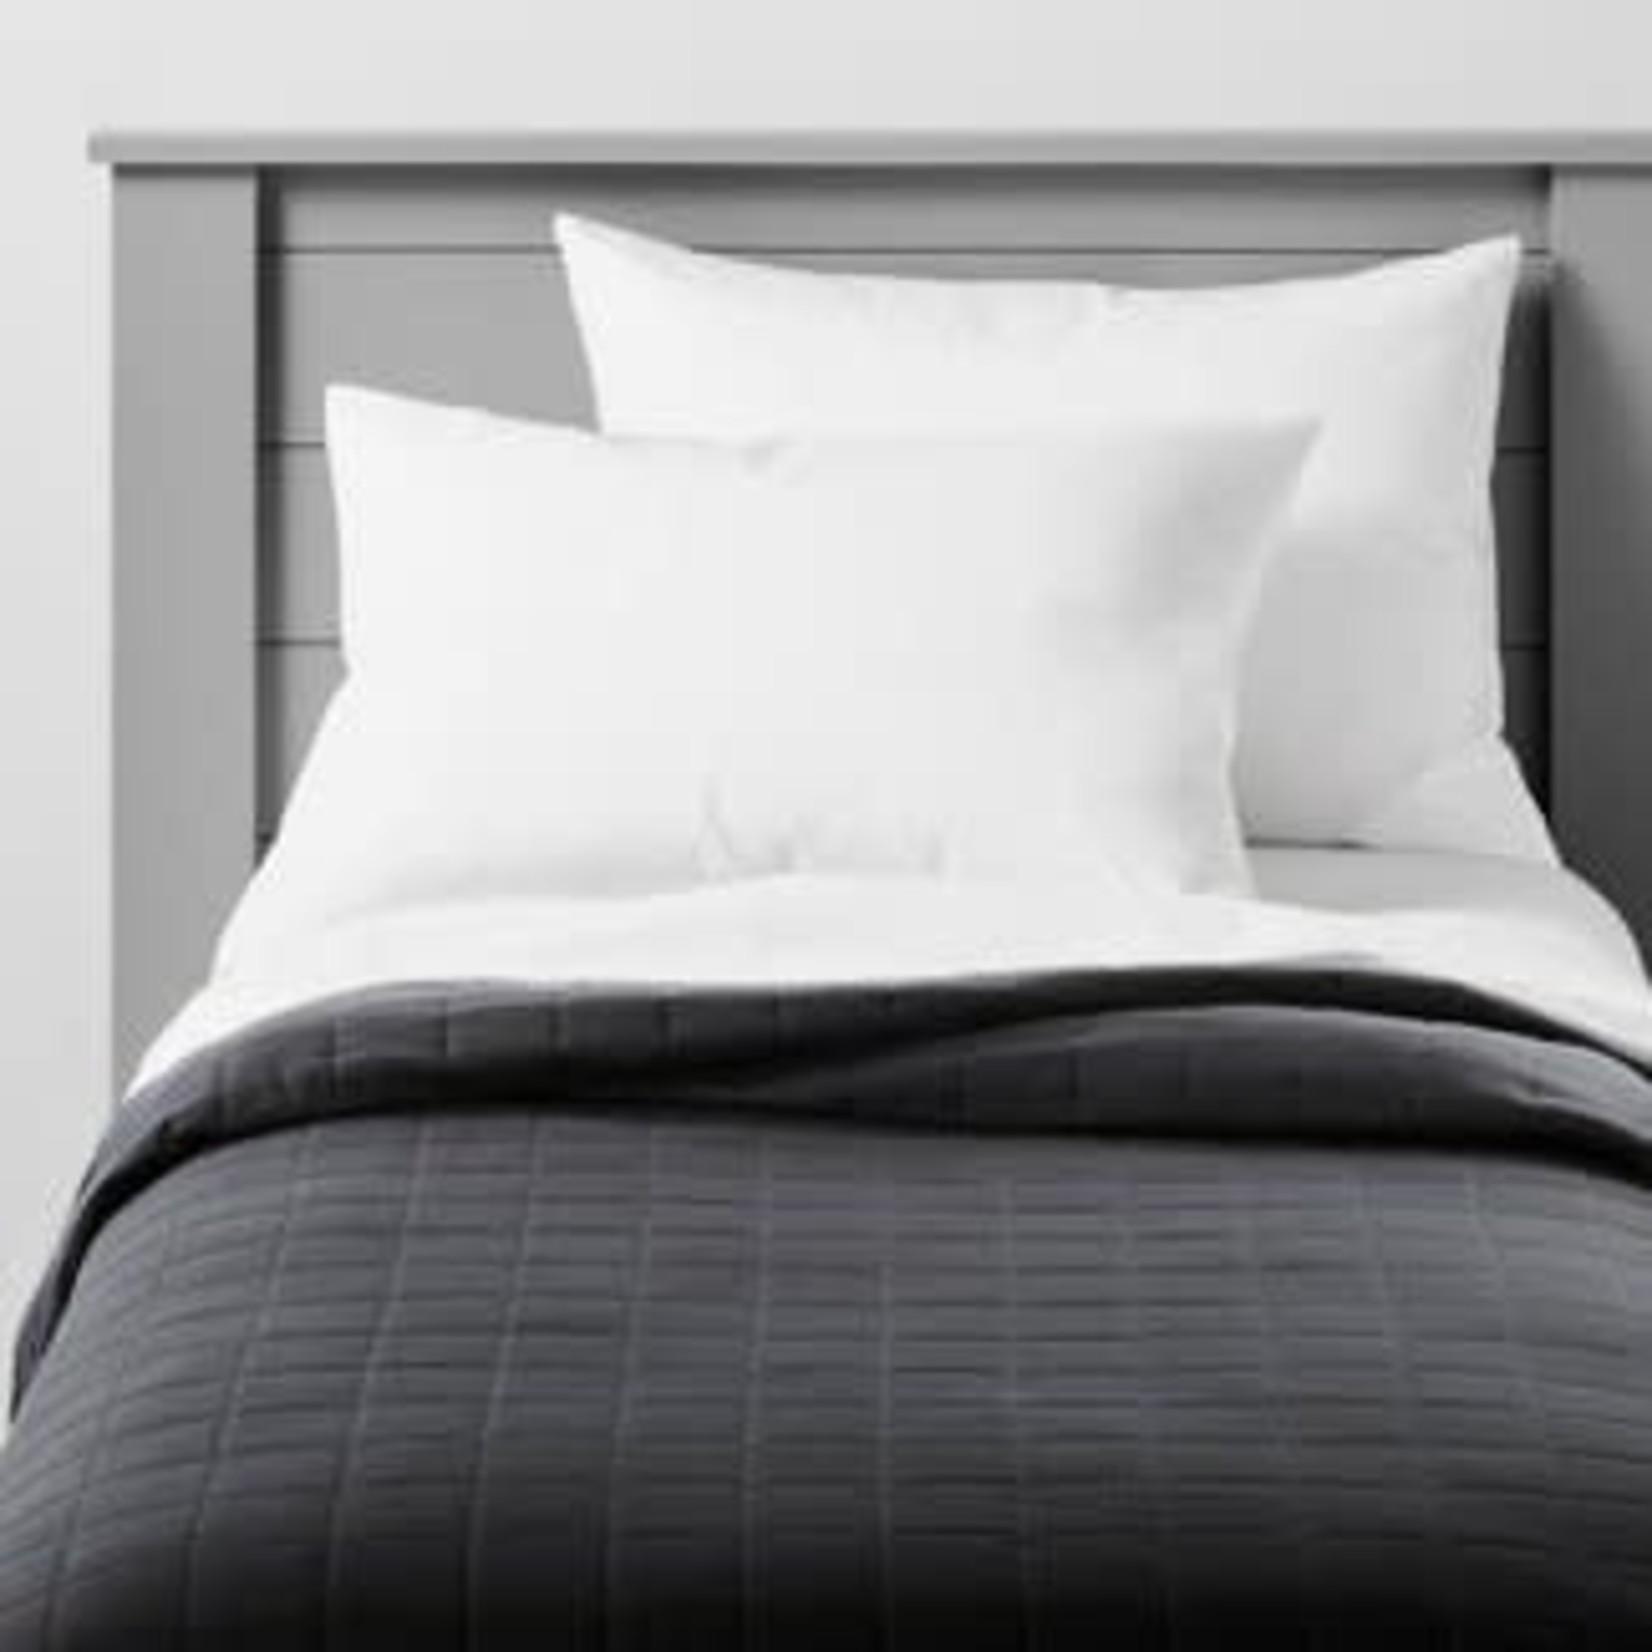 Box Stitch Microfiber Quilt - Pillowfort™ *QUEEN/FULL